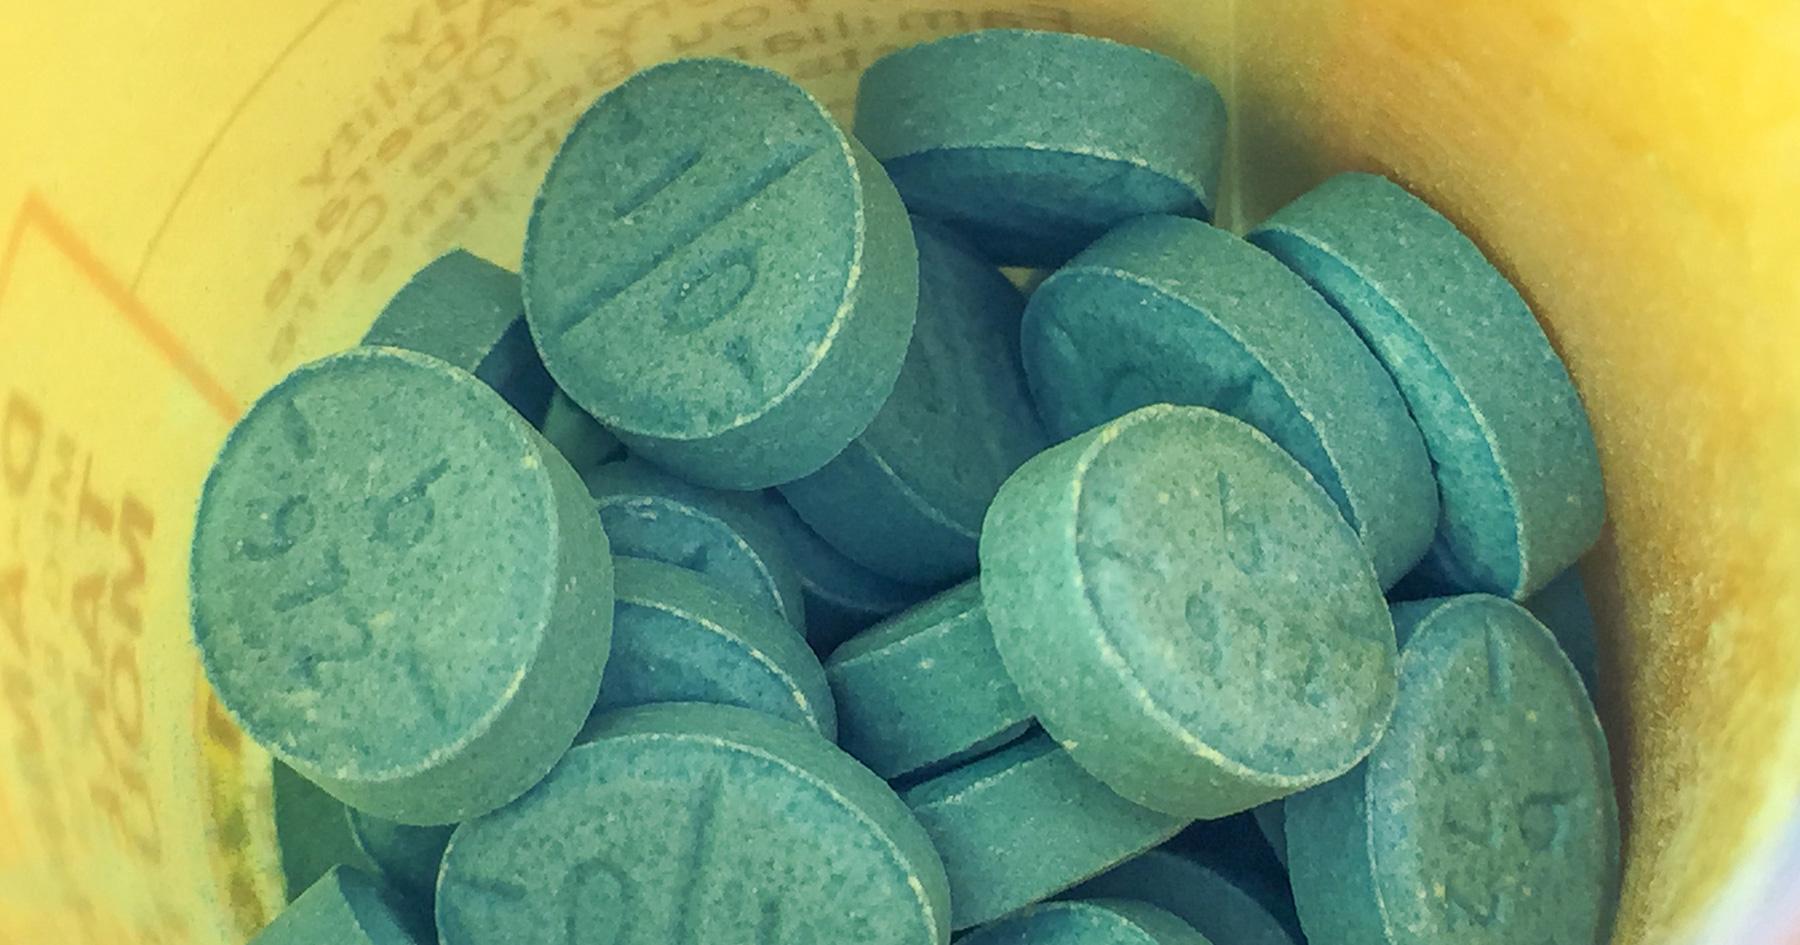 Bottle of Adderall pills